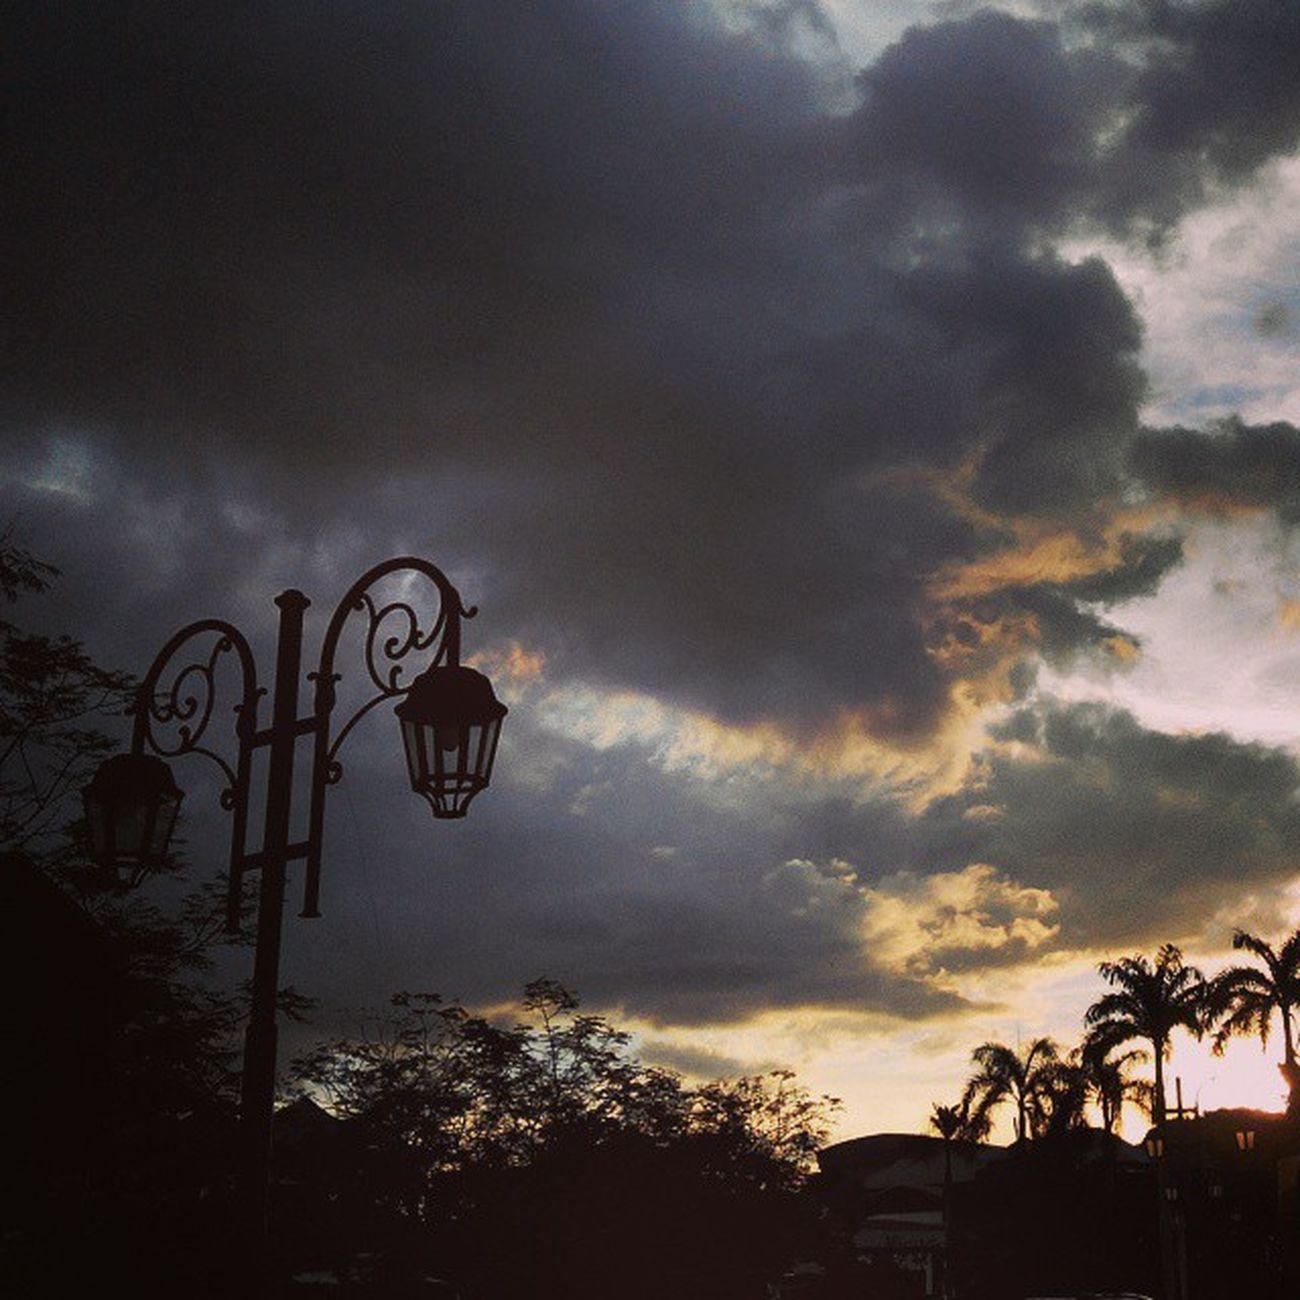 Tanjungmalim Upsi Sunset Silhouette Nature Scenery Malaysia Cloudysky